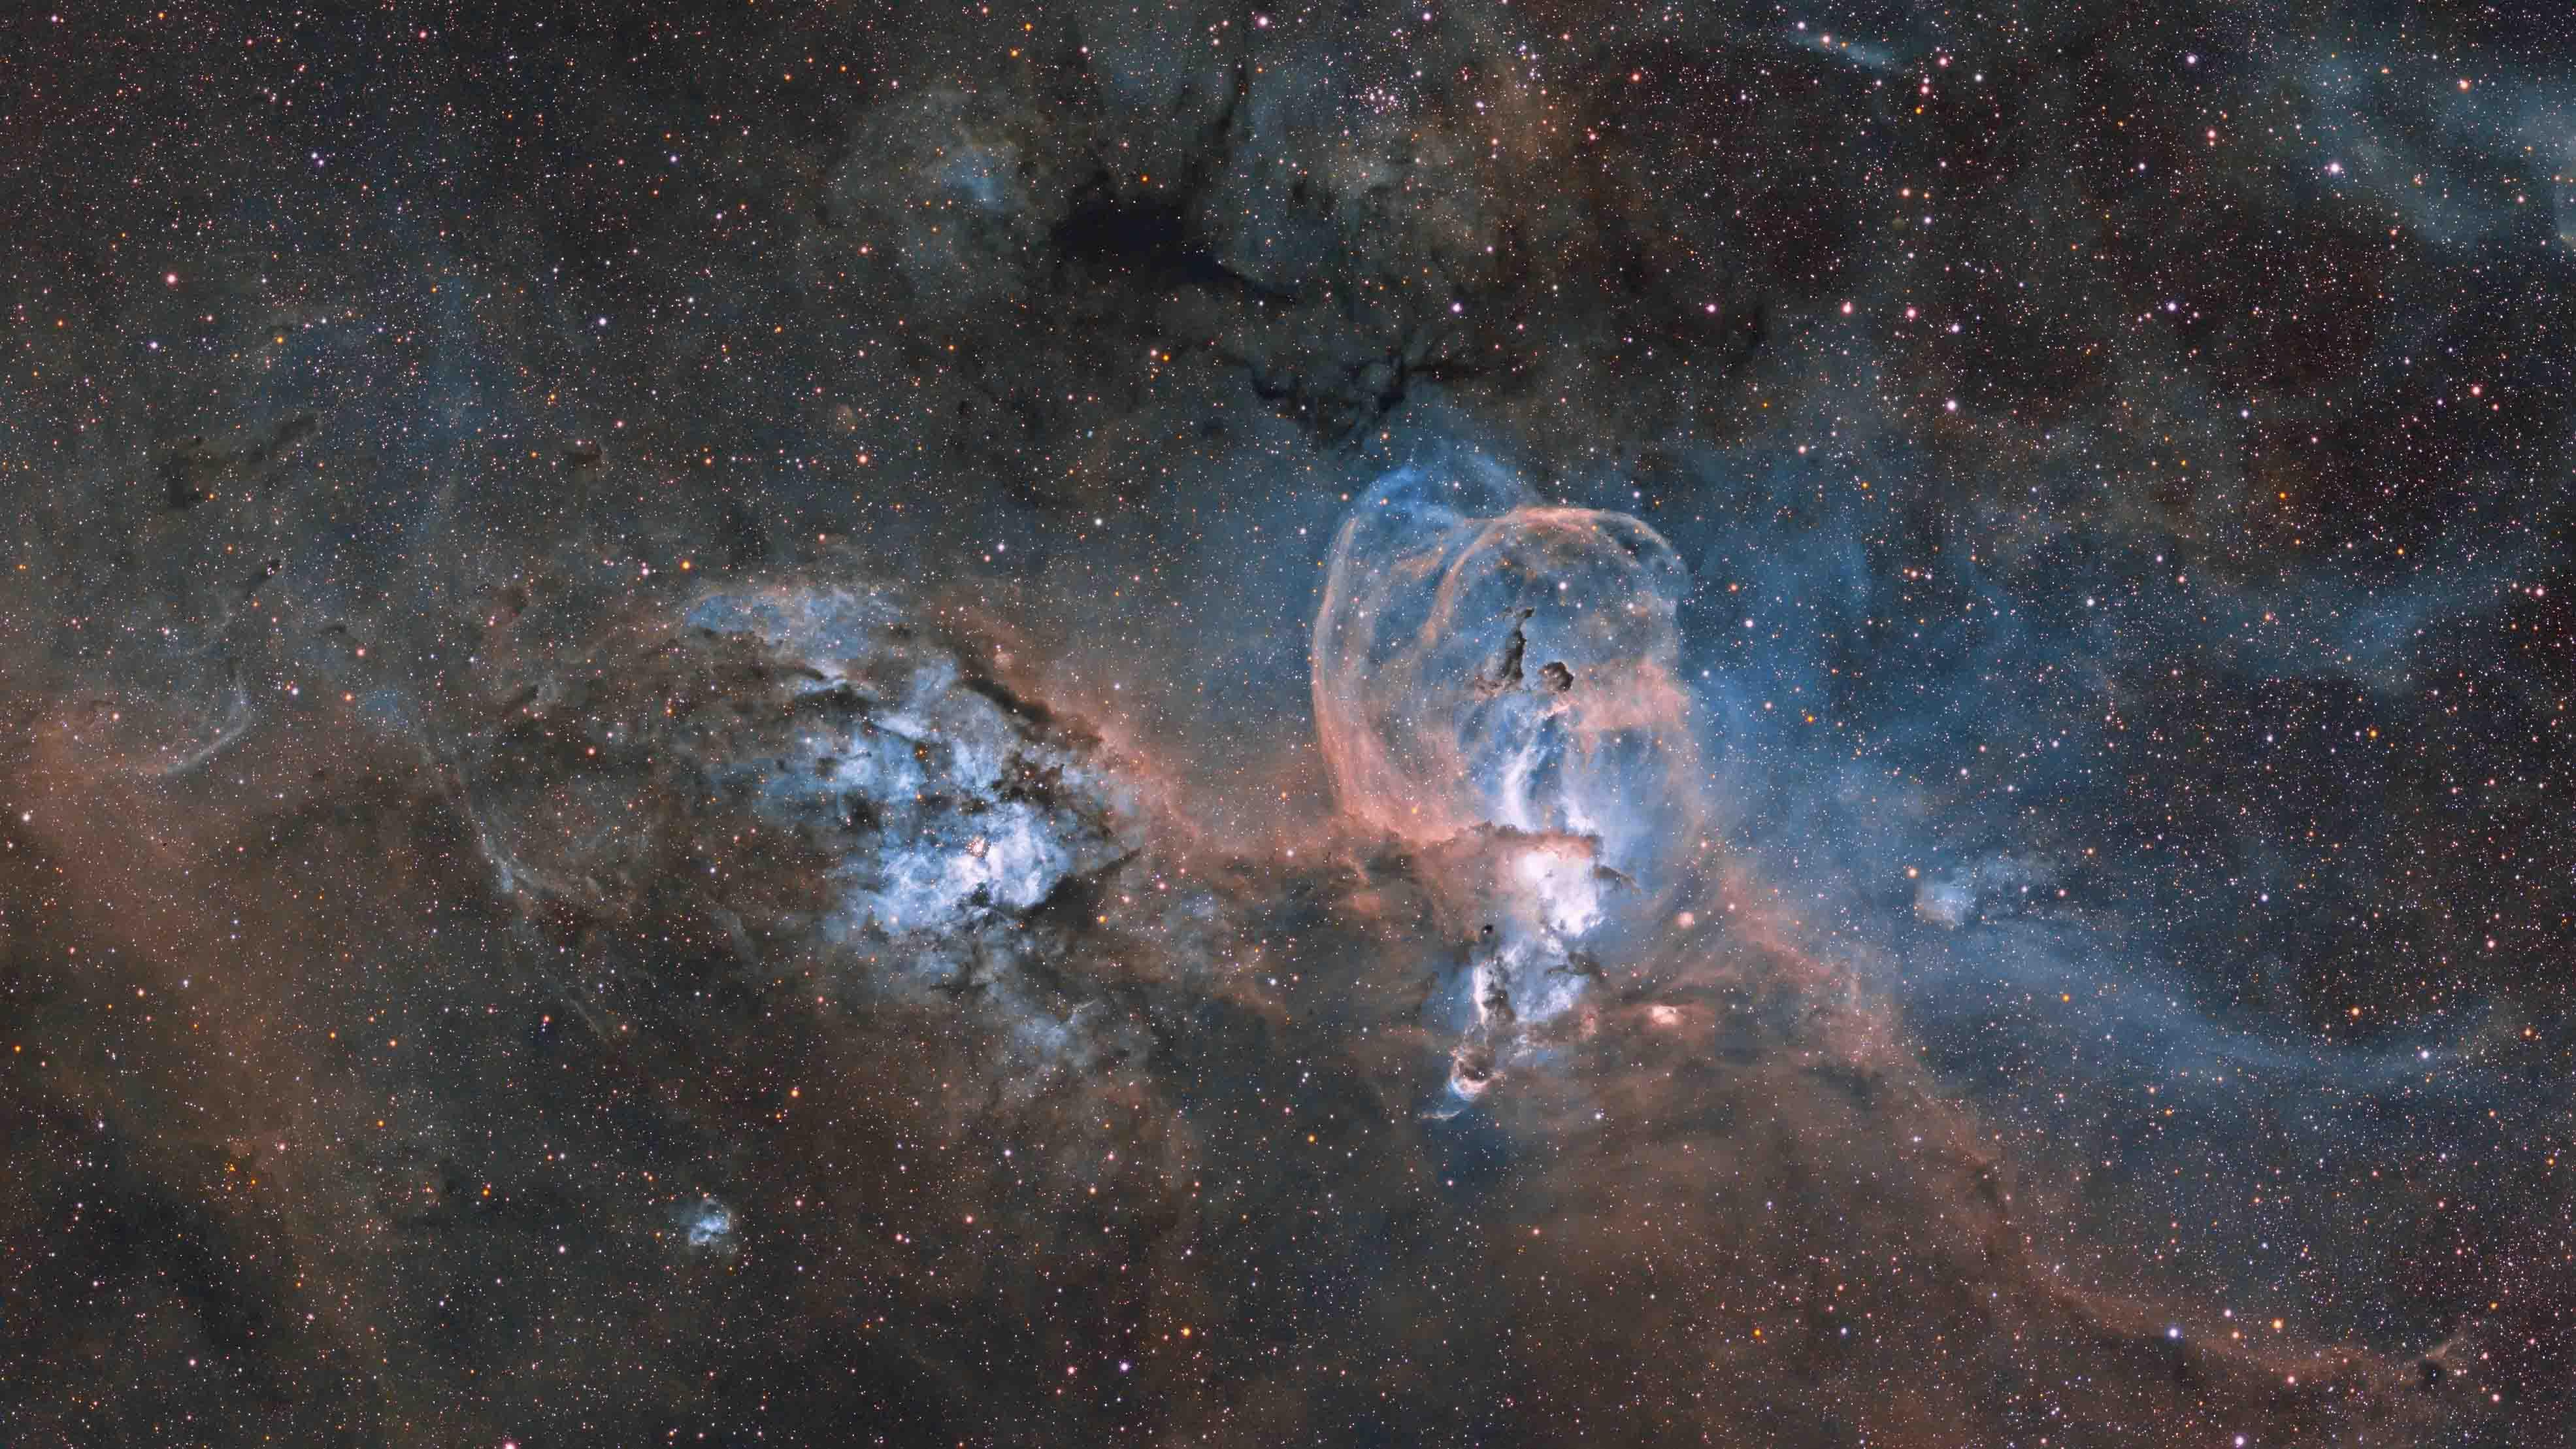 1-е место в номинации «Звёзды и туманности». Фотограф Ignacio Diaz Bobillo